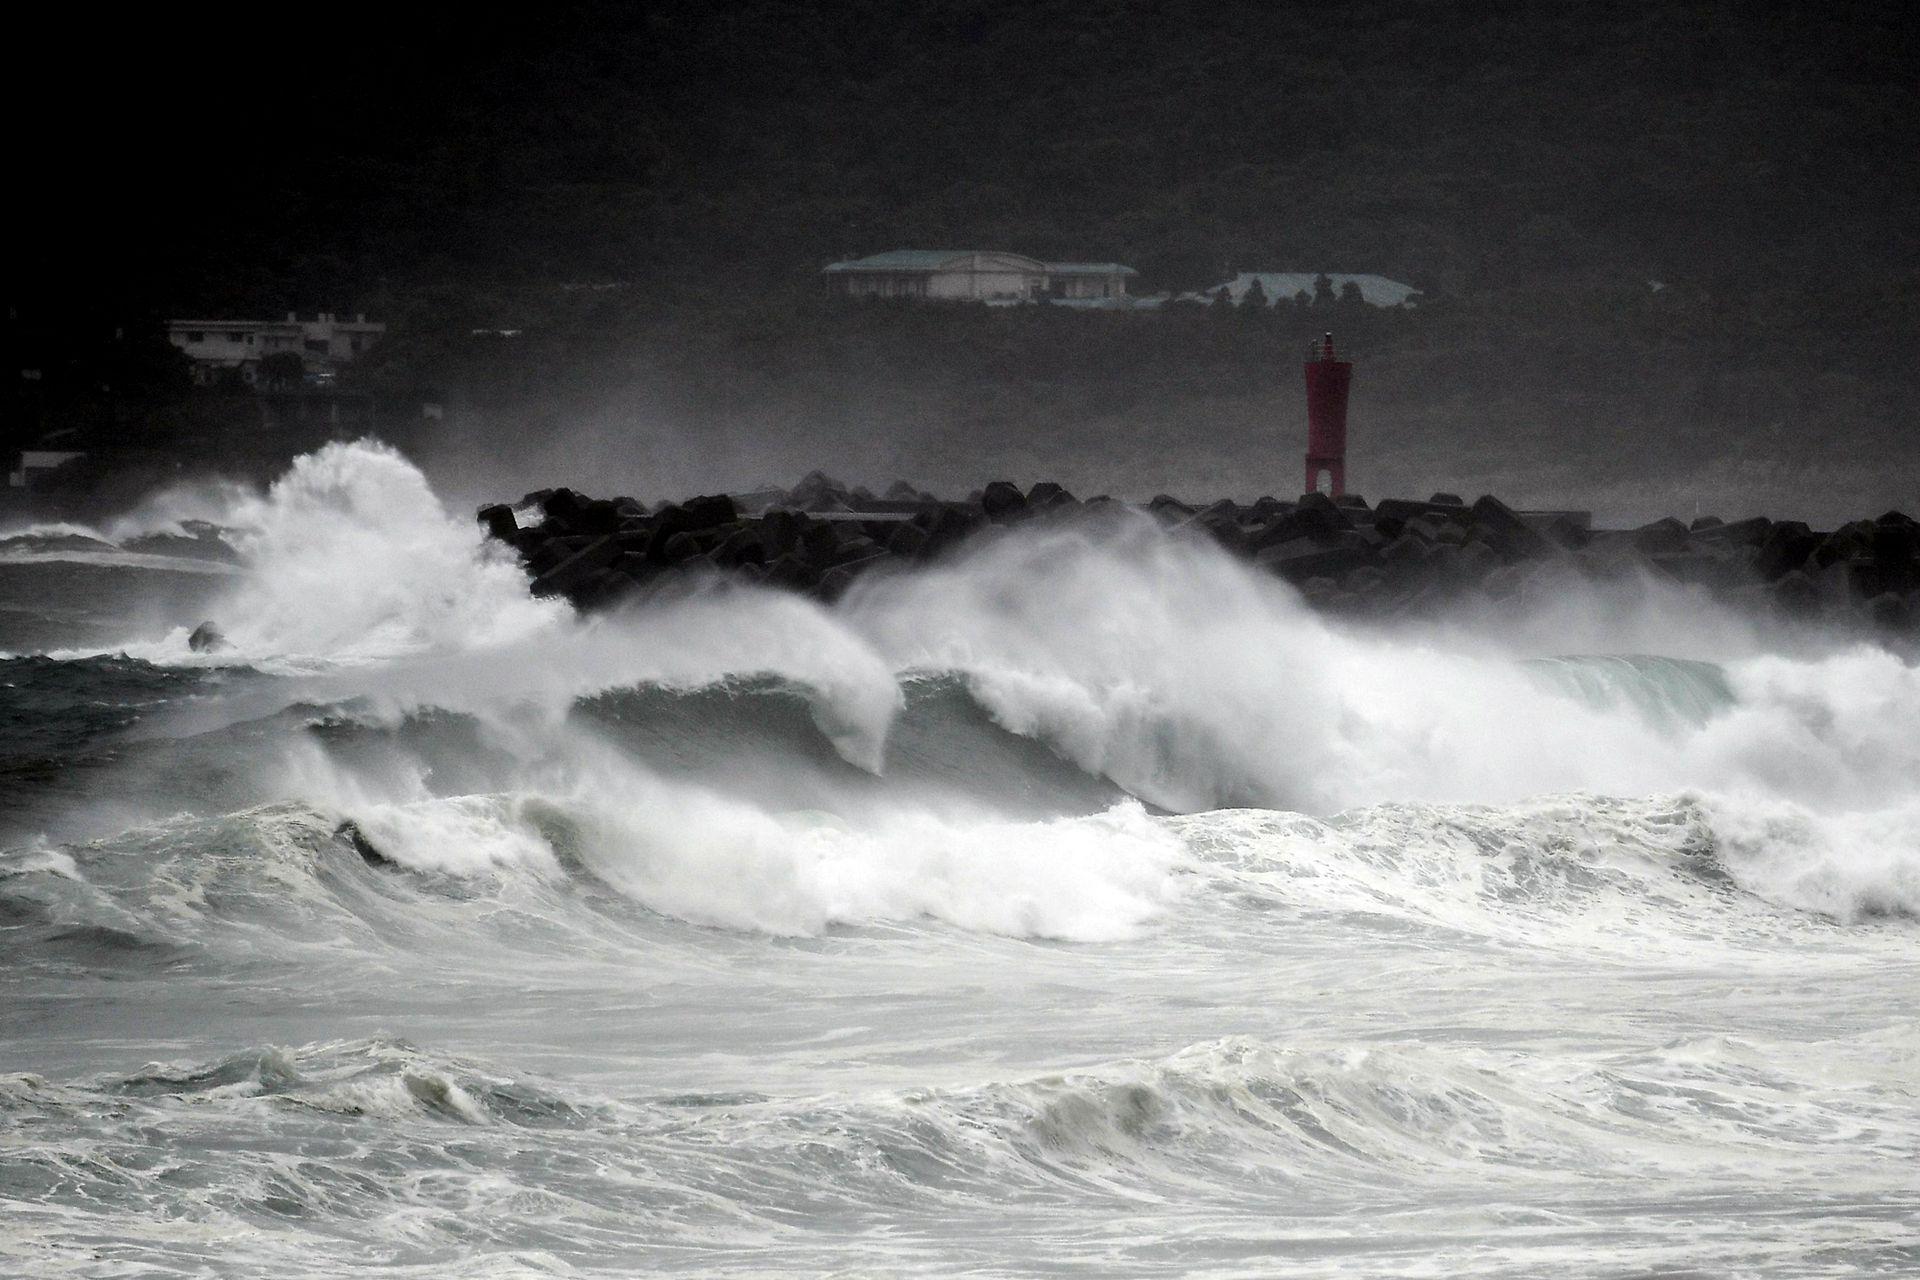 La Agencia Meteorológica de Japón advirtió a los residentes que permanezcan alerta por la posibilidad de crecidas de los ríos, marejadas ciclónicas, inundaciones y deslizamientos de tierra.